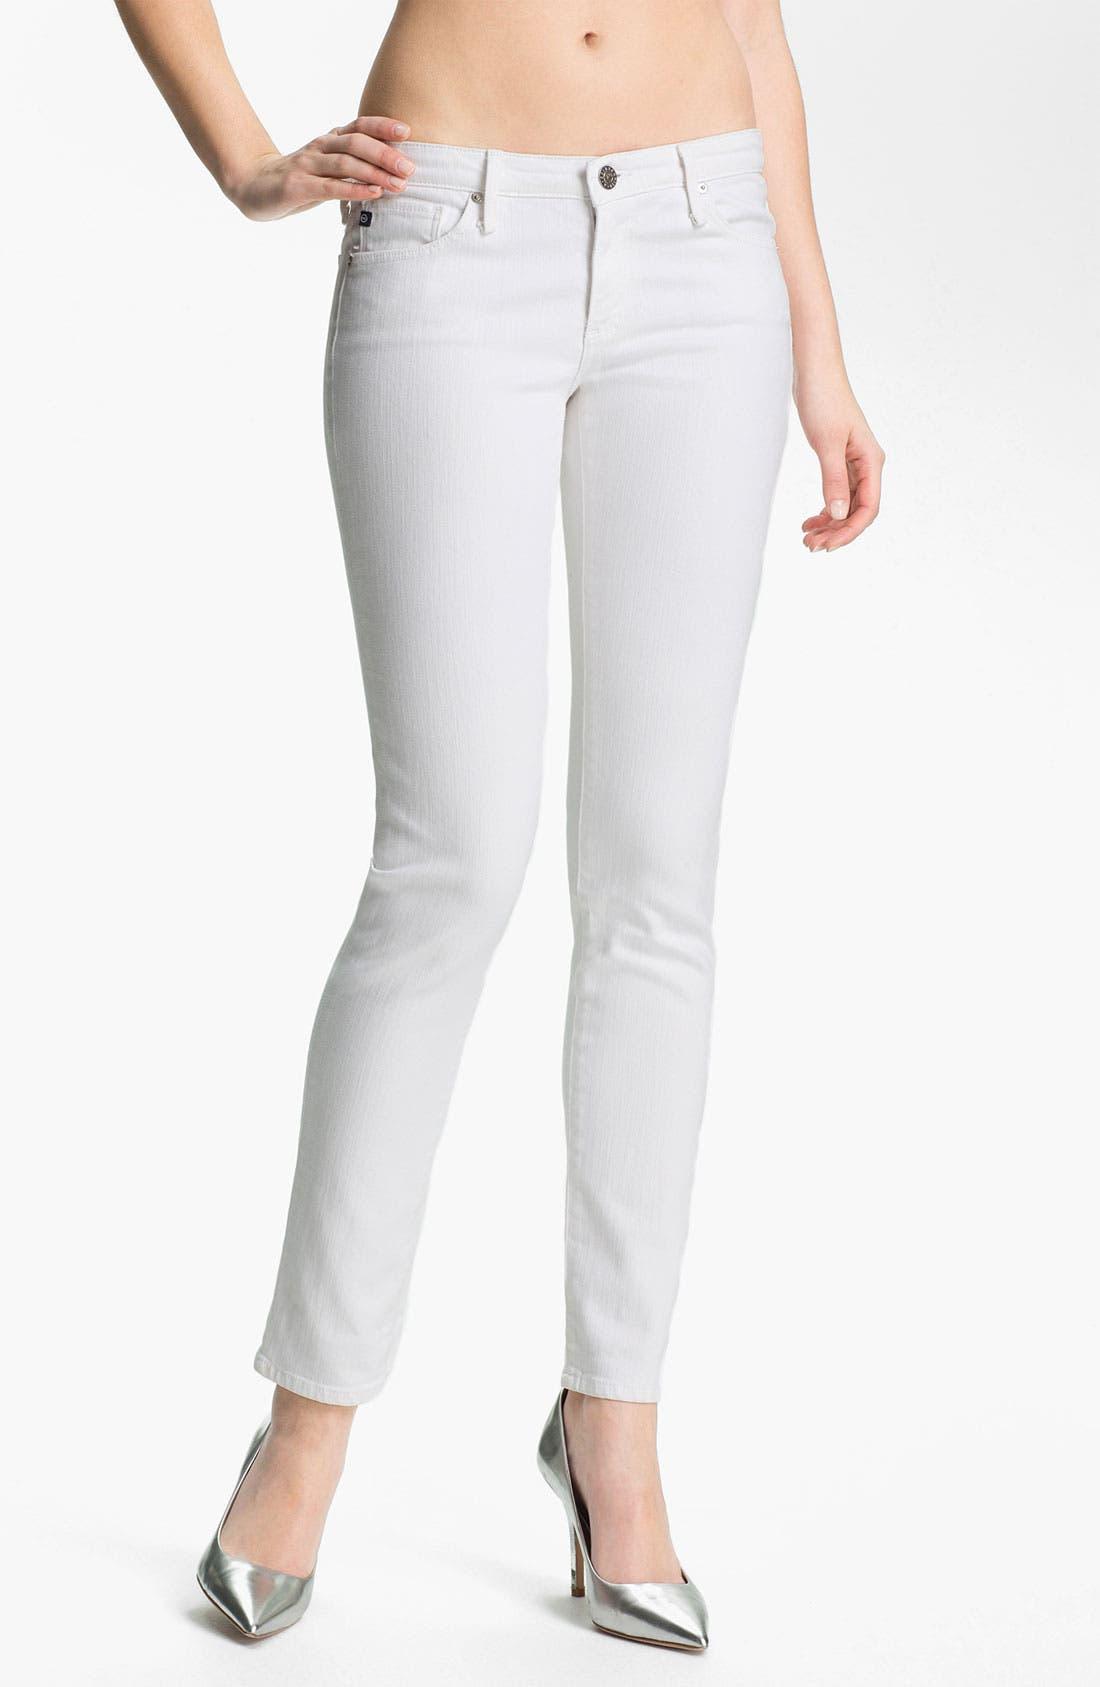 Alternate Image 1 Selected - AG Jeans 'Stilt' Cigarette Leg Stretch Jeans (White)